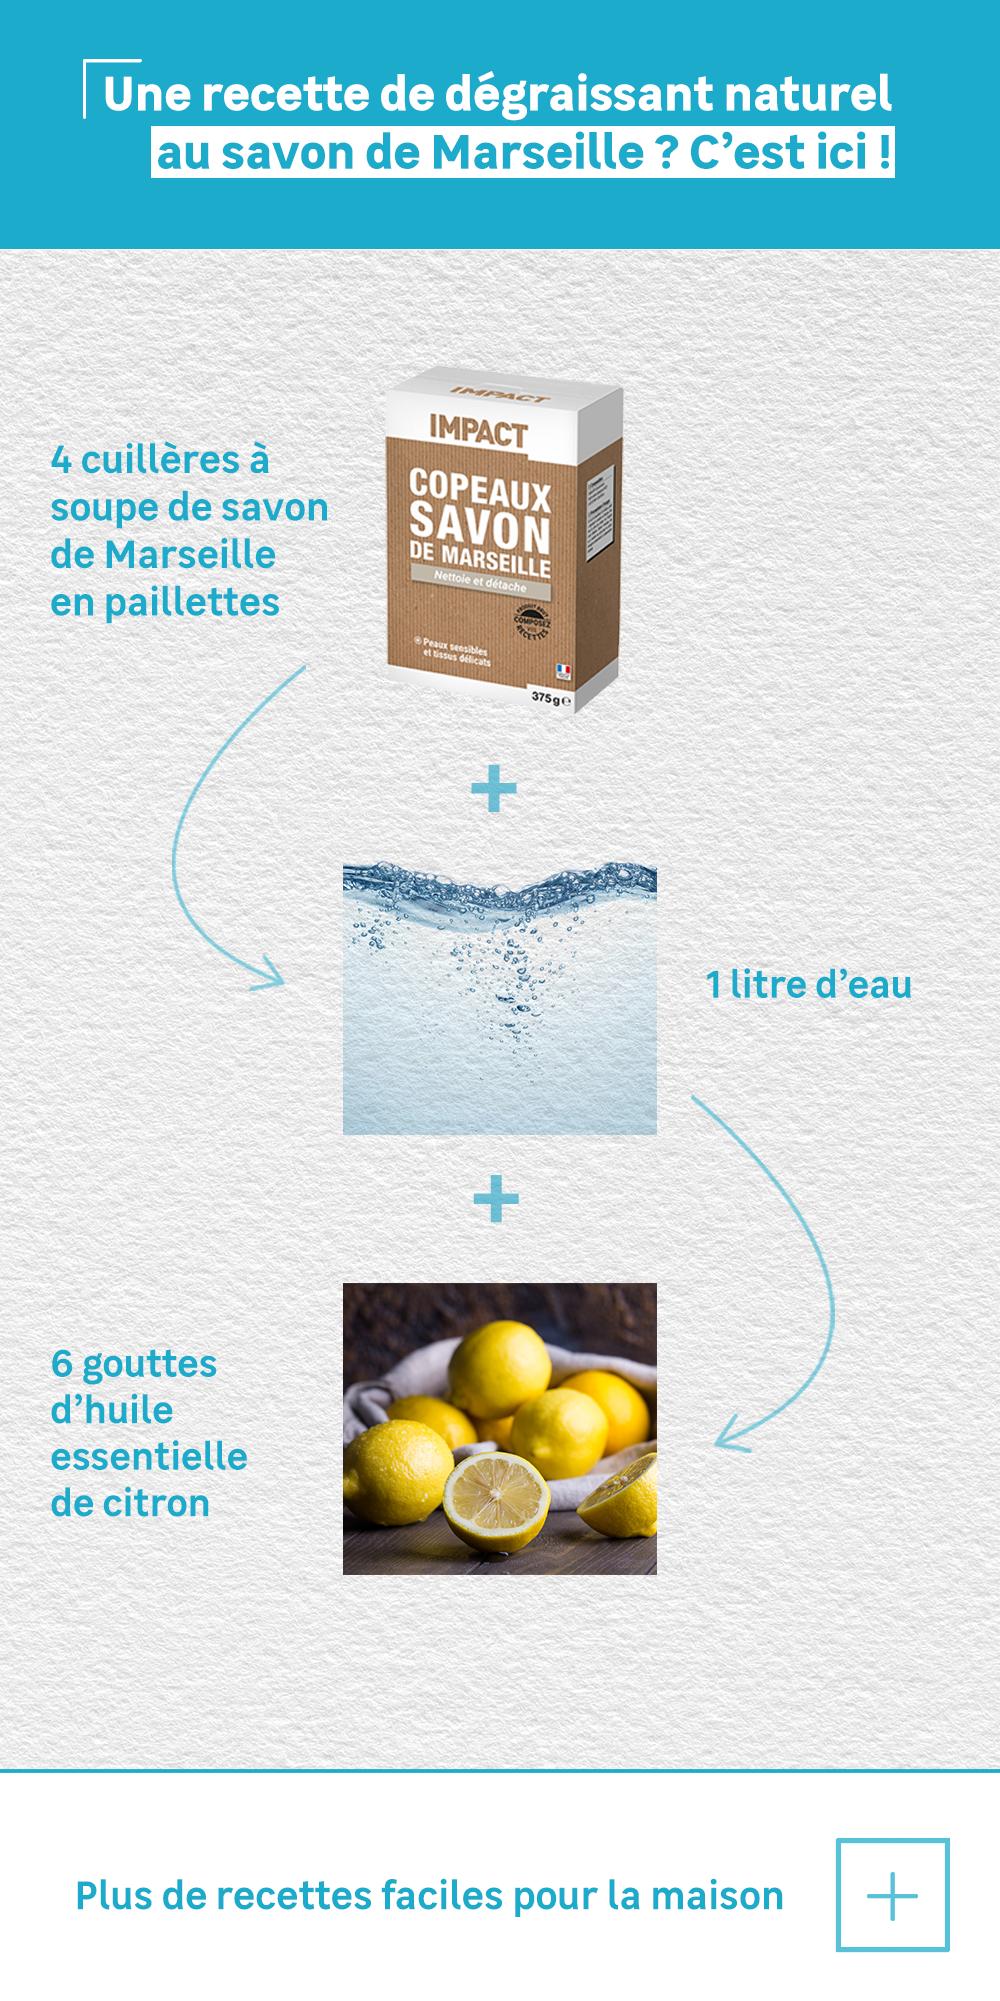 Recette Maison Un Degraissant Naturel Degraissant Naturel Degraissant Savon De Marseille